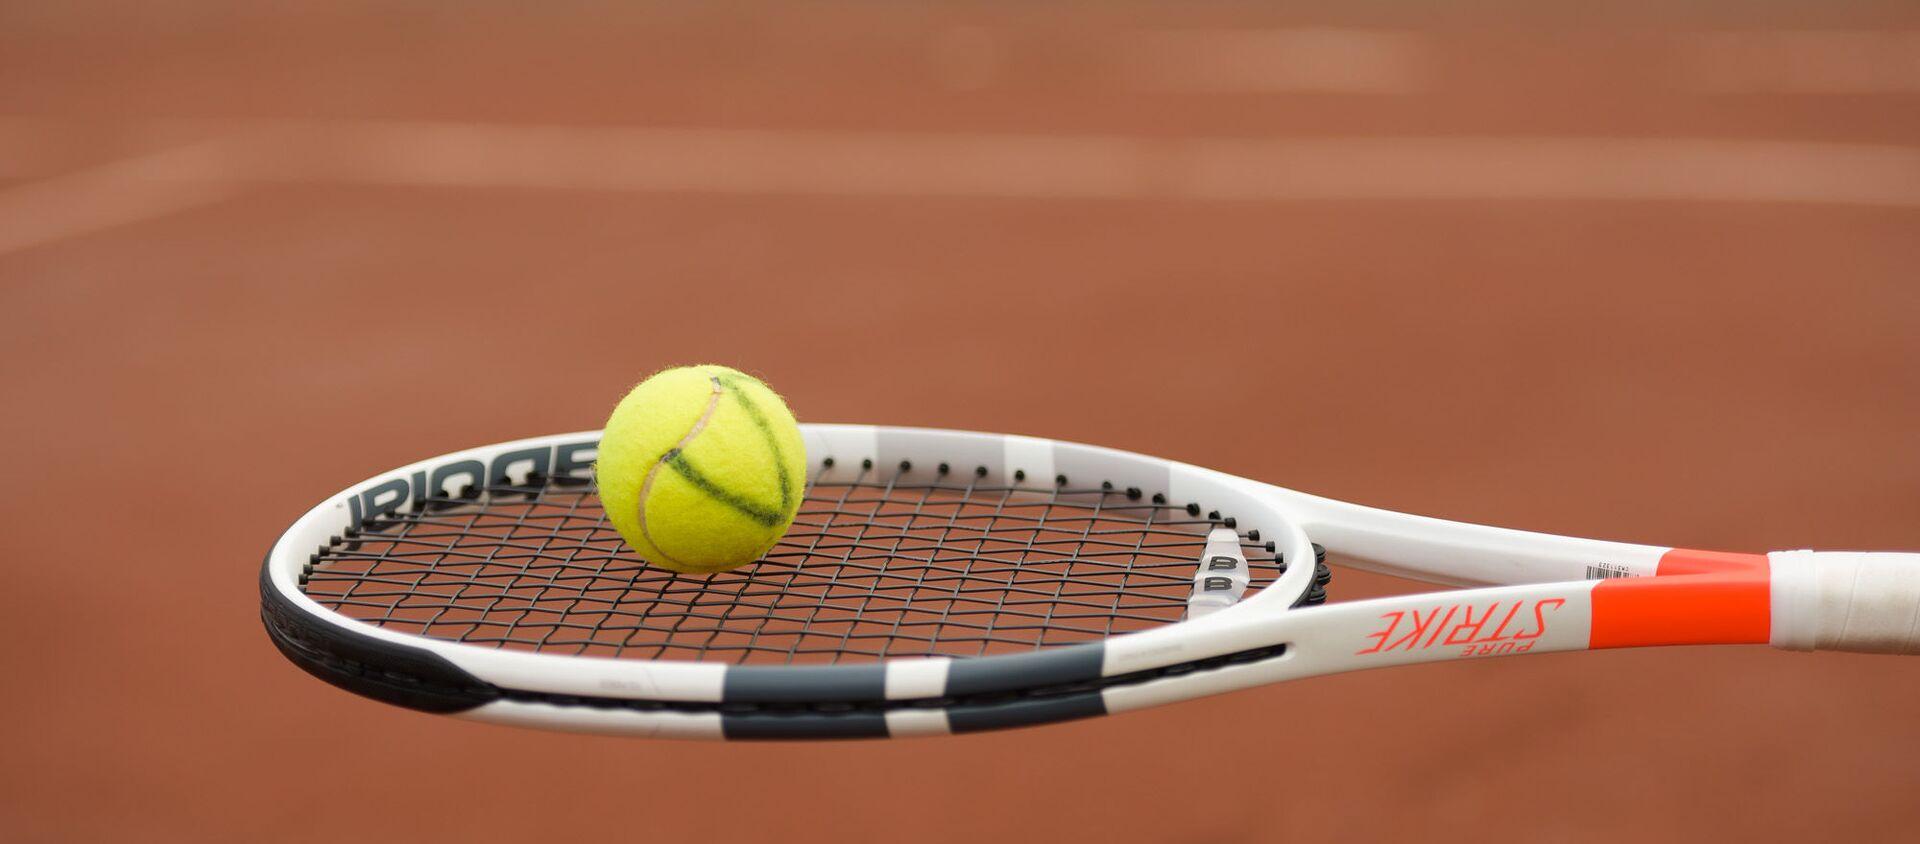 Теннисный корт   - Sputnik Аҧсны, 1920, 28.09.2020